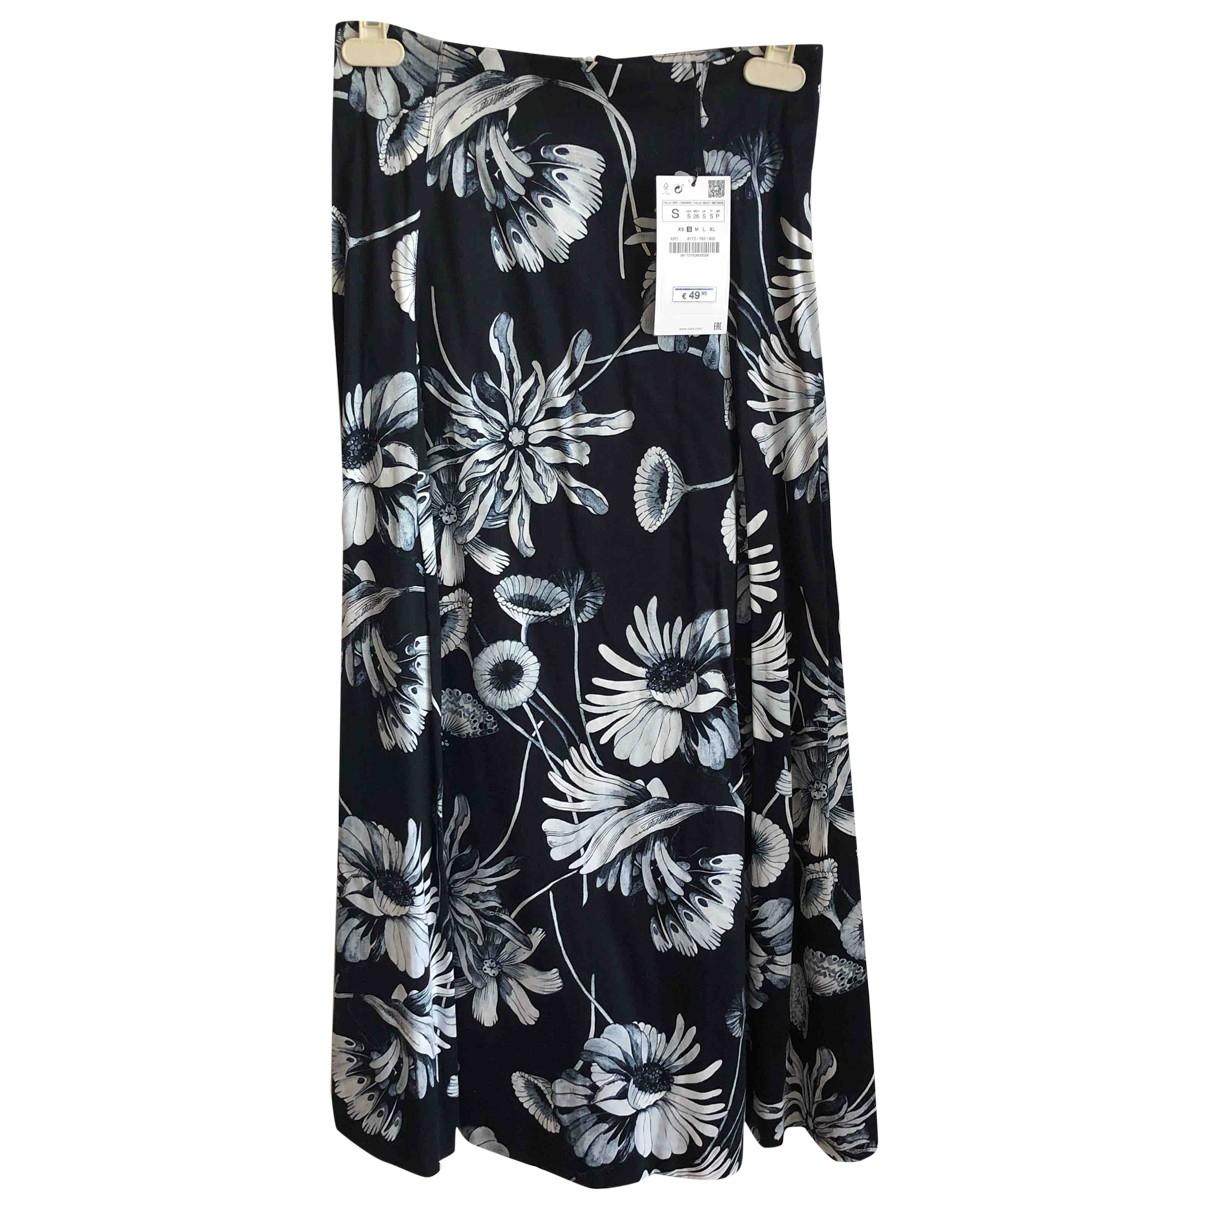 Zara \N Navy Cotton skirt for Women S International